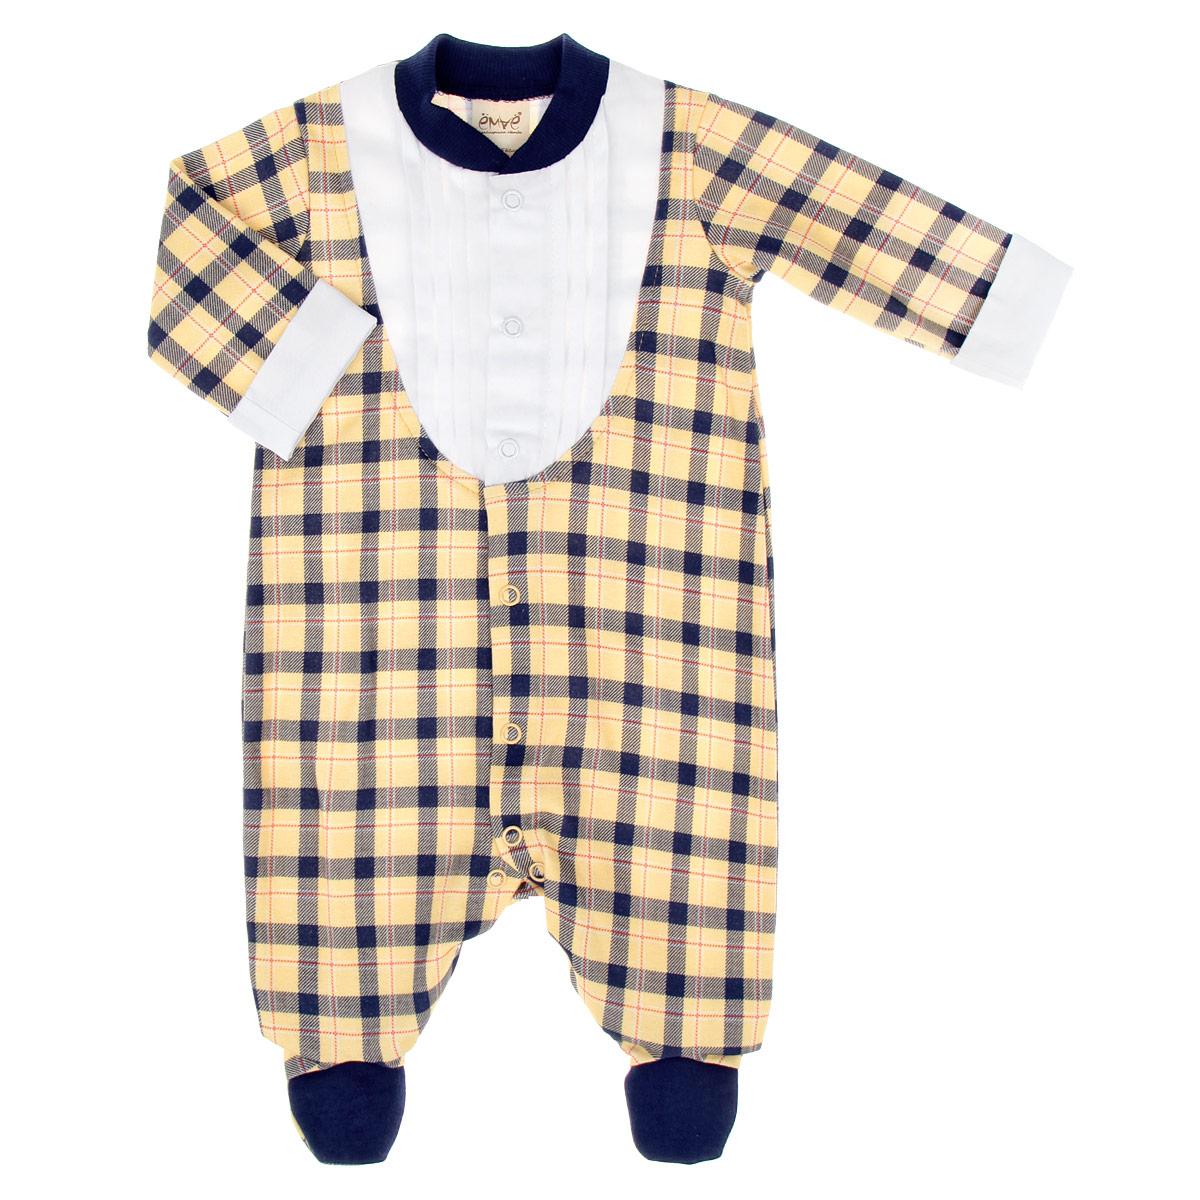 Комбинезон для мальчика. 22-23822-238_в клеткуДетский комбинезон для мальчика Ёмаё - очень удобный и практичный вид одежды для малыша. Комбинезон выполнен из интерлока - натурального хлопка, благодаря чему он необычайно мягкий и приятный на ощупь, не раздражает нежную кожу ребенка и хорошо вентилируется, а эластичные швы приятны телу младенца и не препятствуют его движениям. Комбинезон с длинными рукавами и закрытыми ножками имеет застежки-кнопки от горловины до щиколоток, которые помогают легко переодеть ребенка или сменить подгузник. Рукава дополнены широкими контрастными отворотами. Горловина дополнена небольшим трикотажным воротничком контрастного цвета. Отделка верхней части придает эффект 2 в 1 (рубашка, комбинезон). С таким детским комбинезоном спинка и ножки вашего малыша всегда будут в тепле, он идеален для использования днем и незаменим ночью. Комбинезон полностью соответствует особенностям жизни младенца в ранний период, не стесняя и не ограничивая его в движениях!